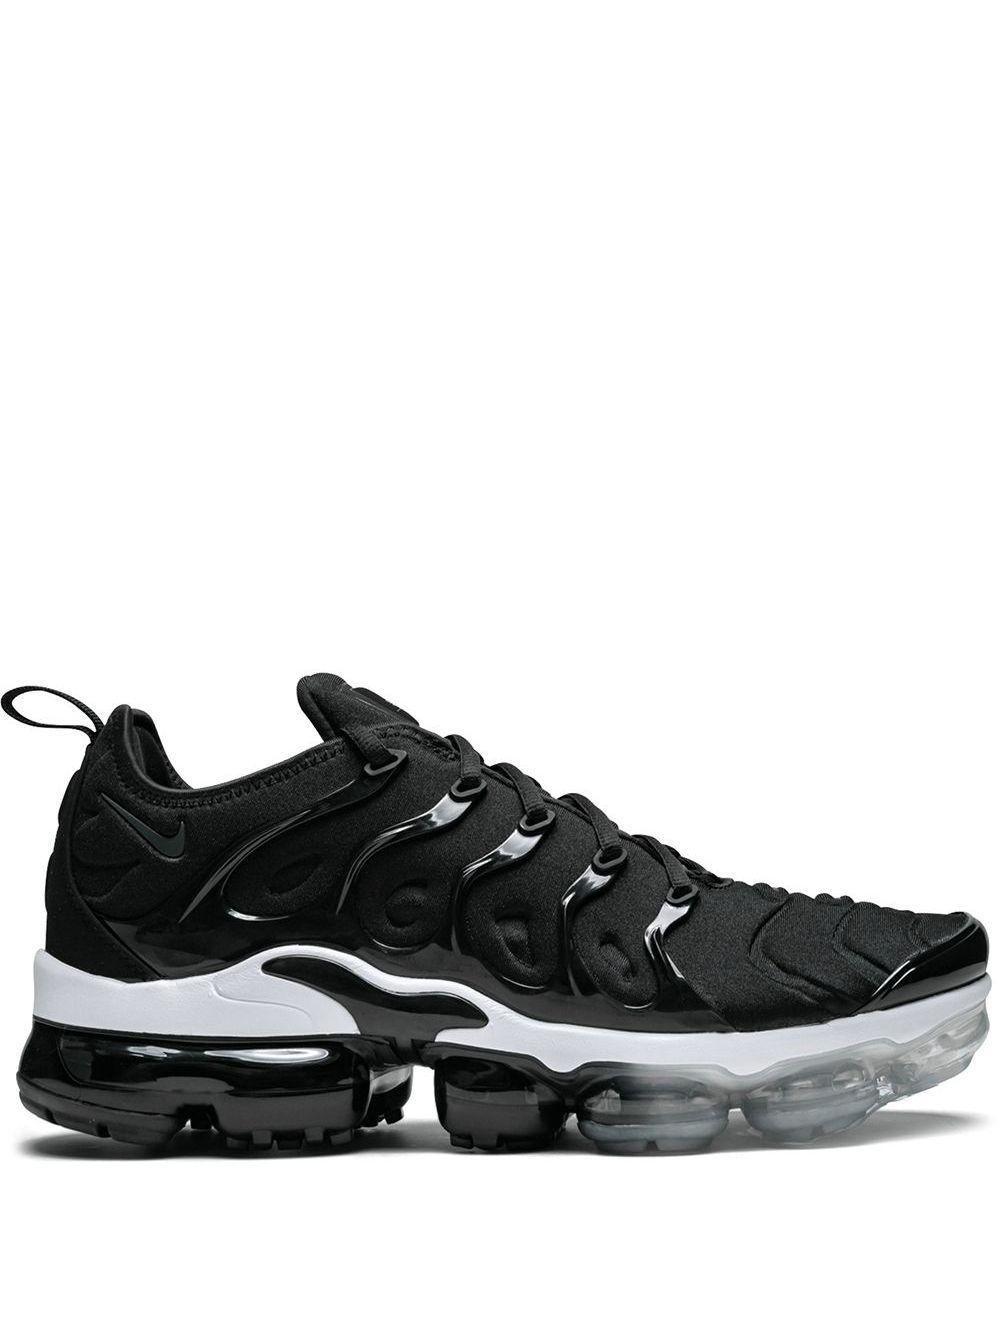 Air Vapormax Plus Synthétique Nike pour homme en coloris Noir - 76 ...